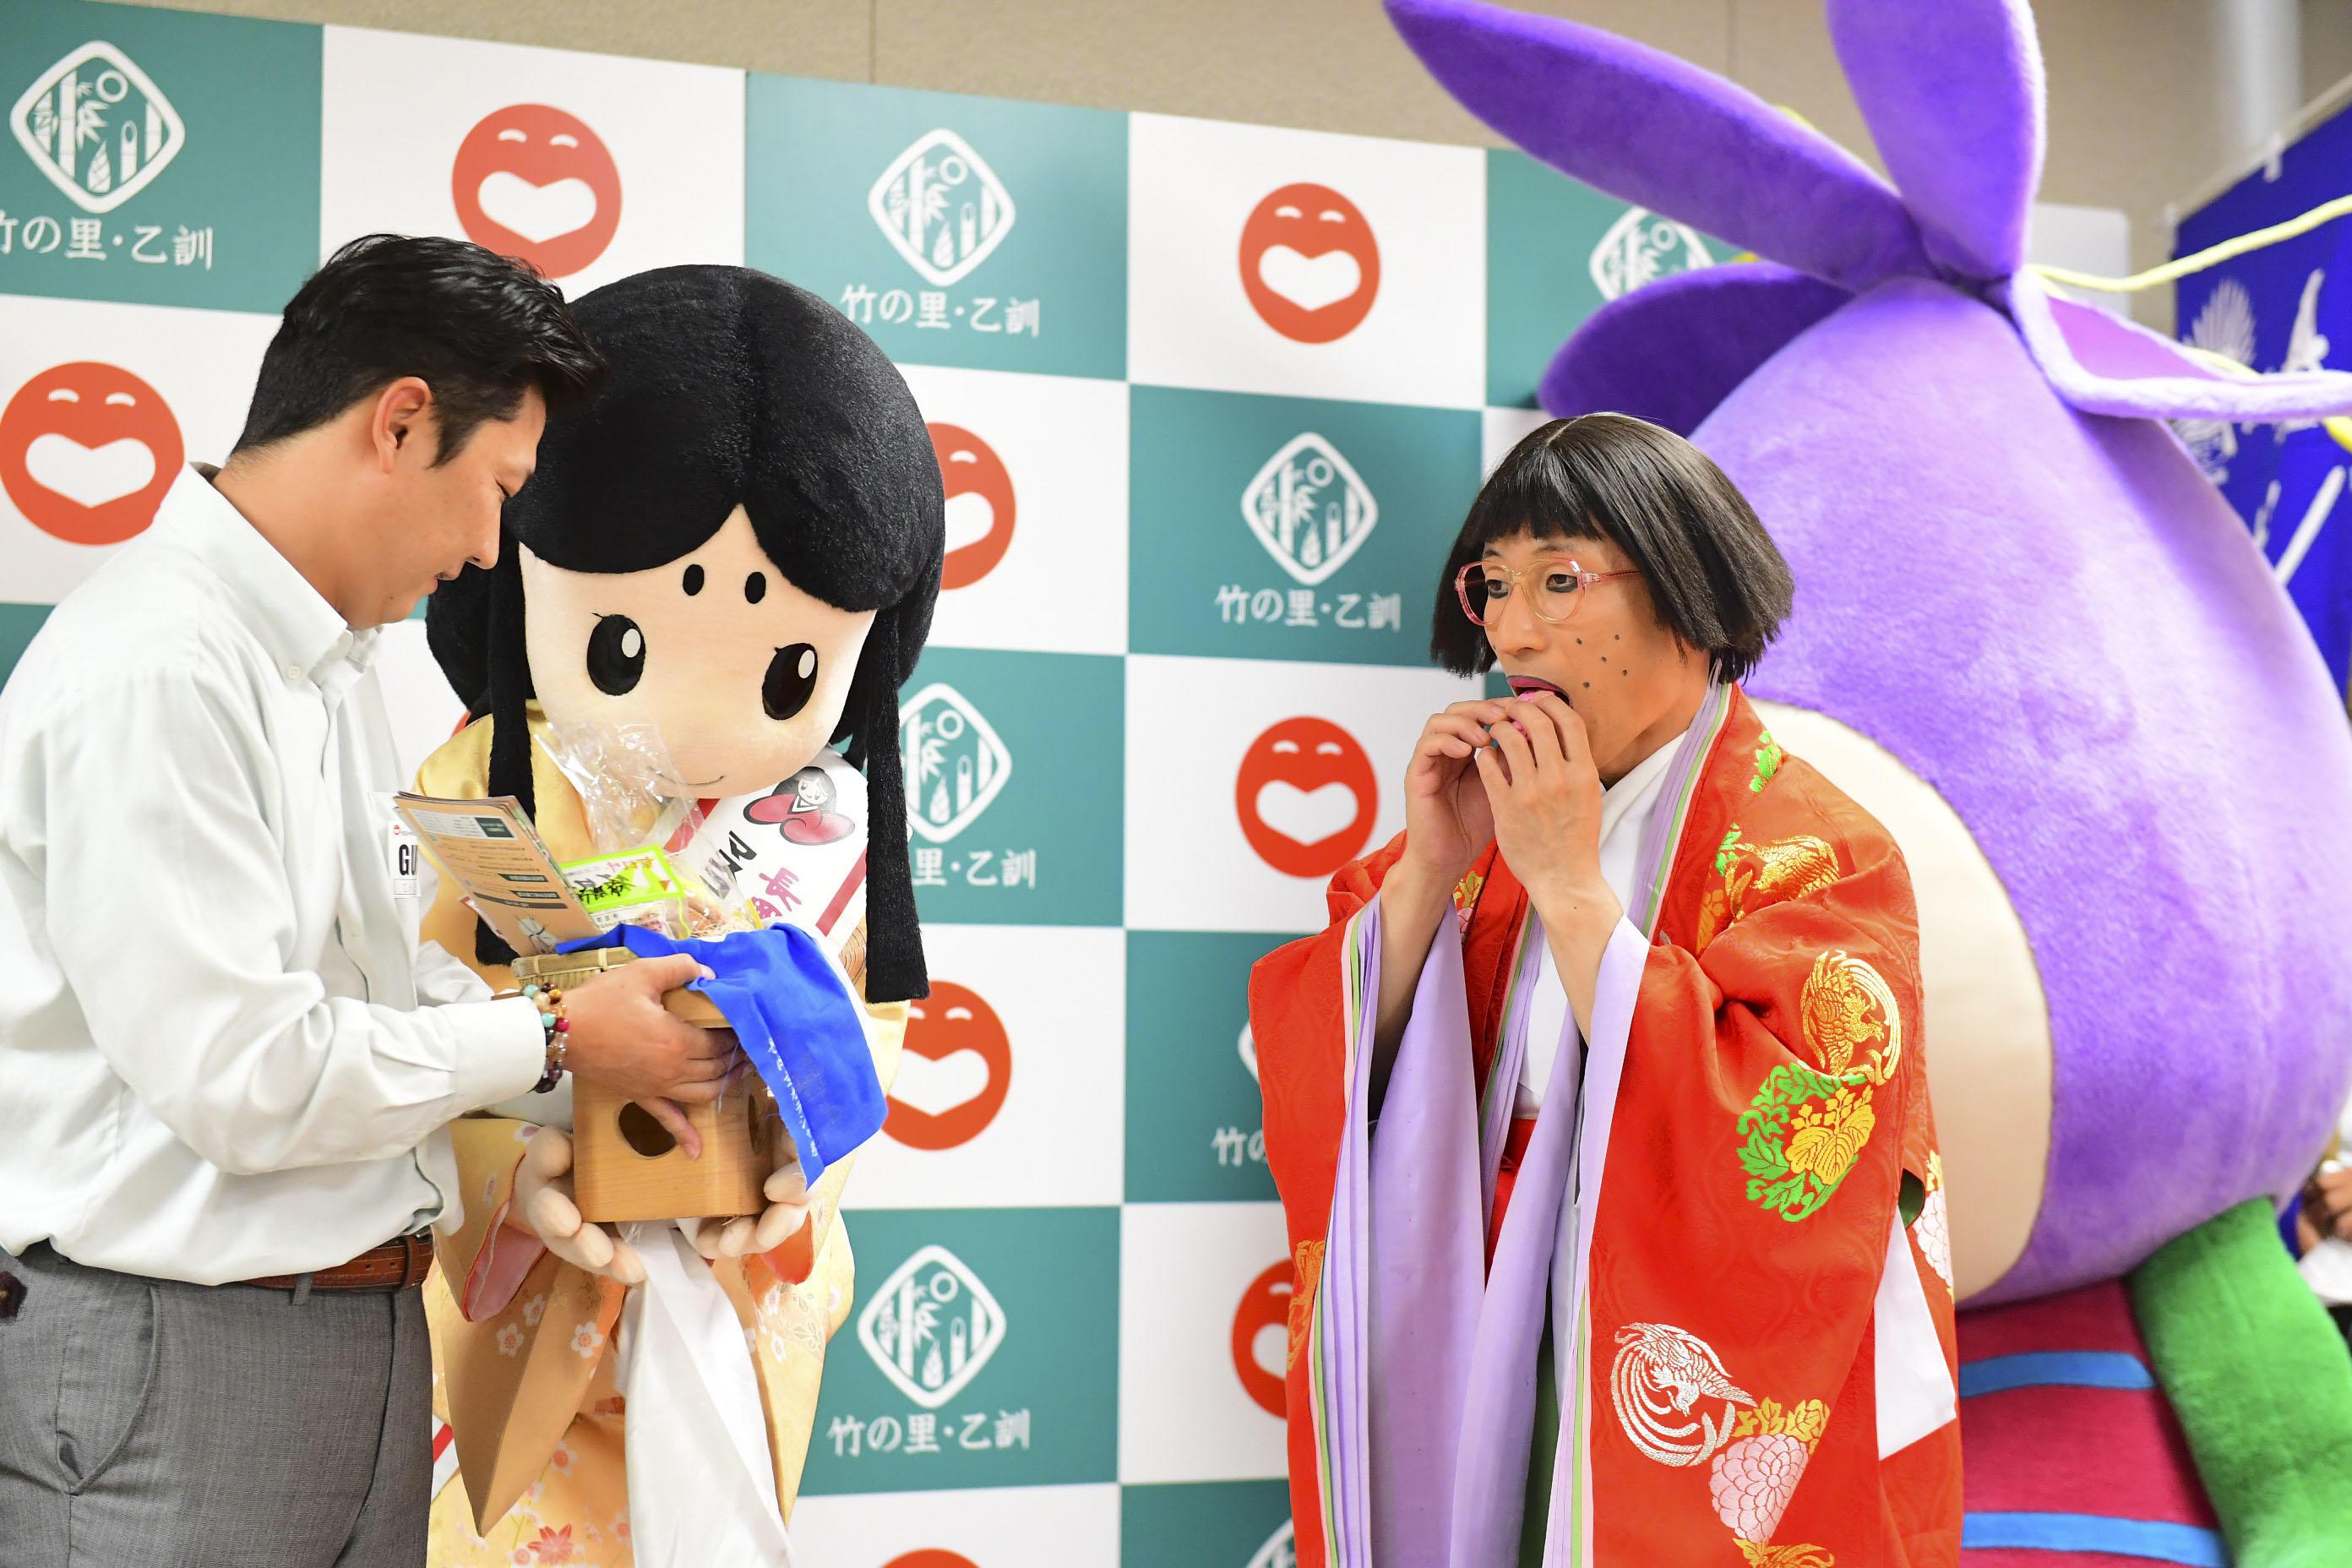 http://news.yoshimoto.co.jp/20170809165414-acbc97c7798d99a0f8d251400d73d65b0f7fcbd0.jpg